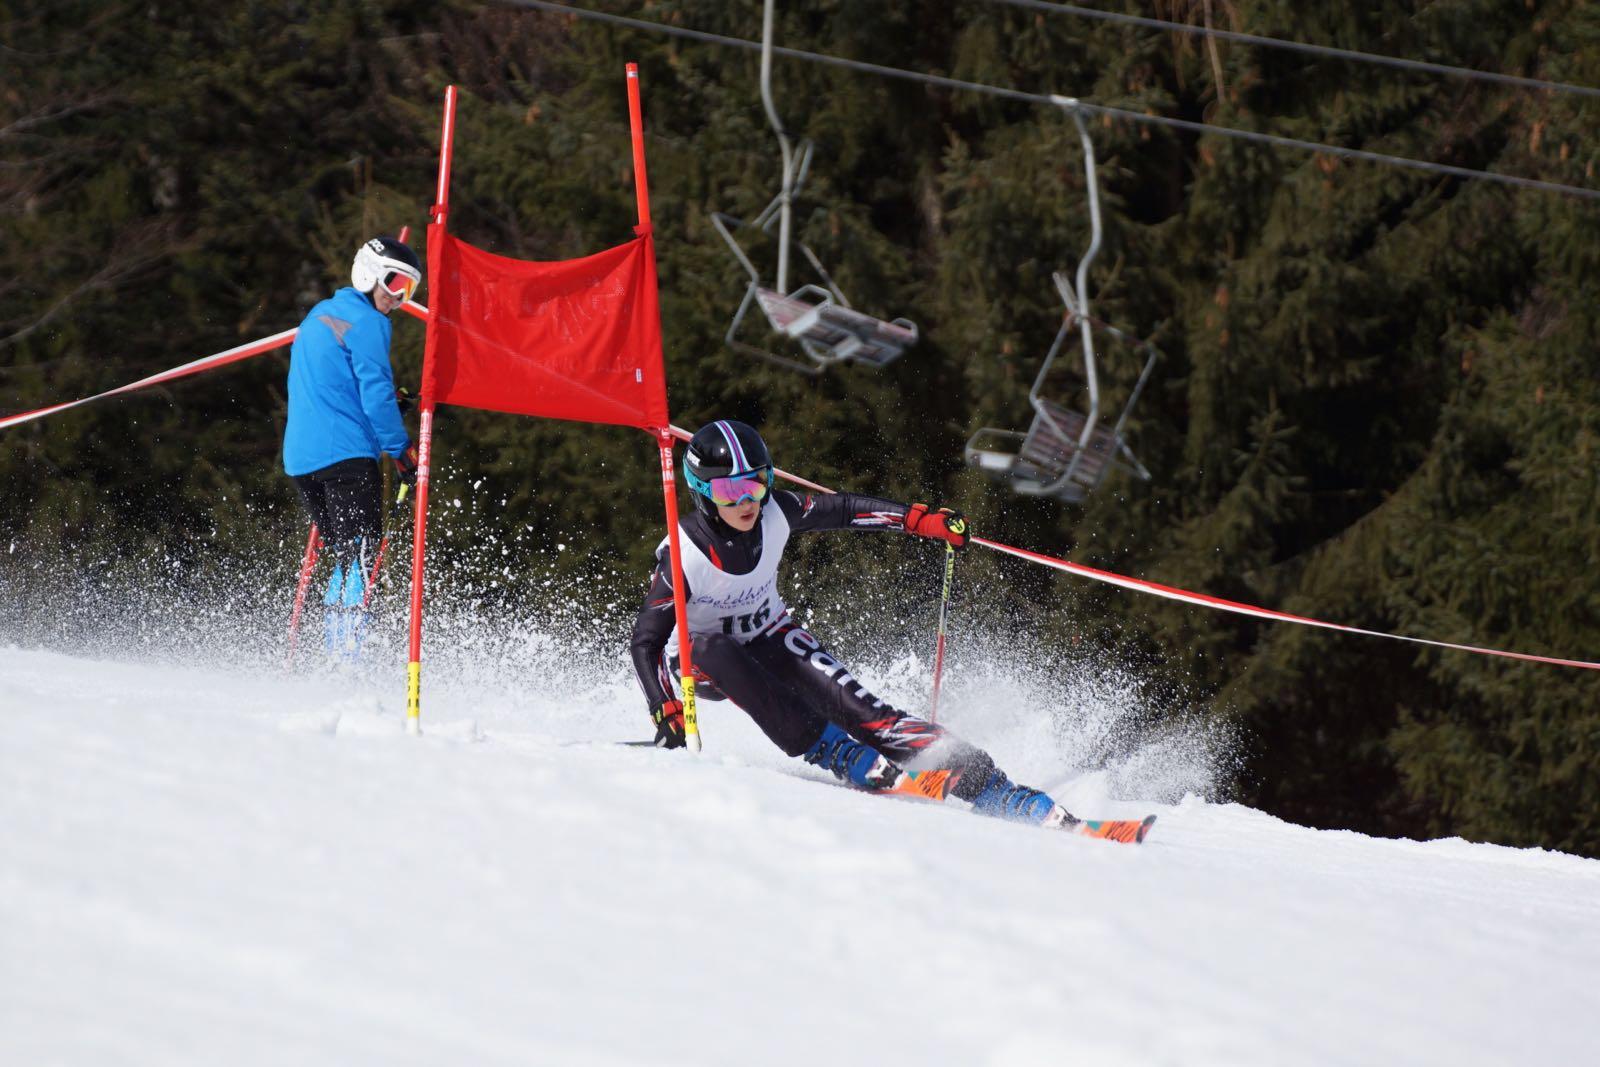 Giant slalom training